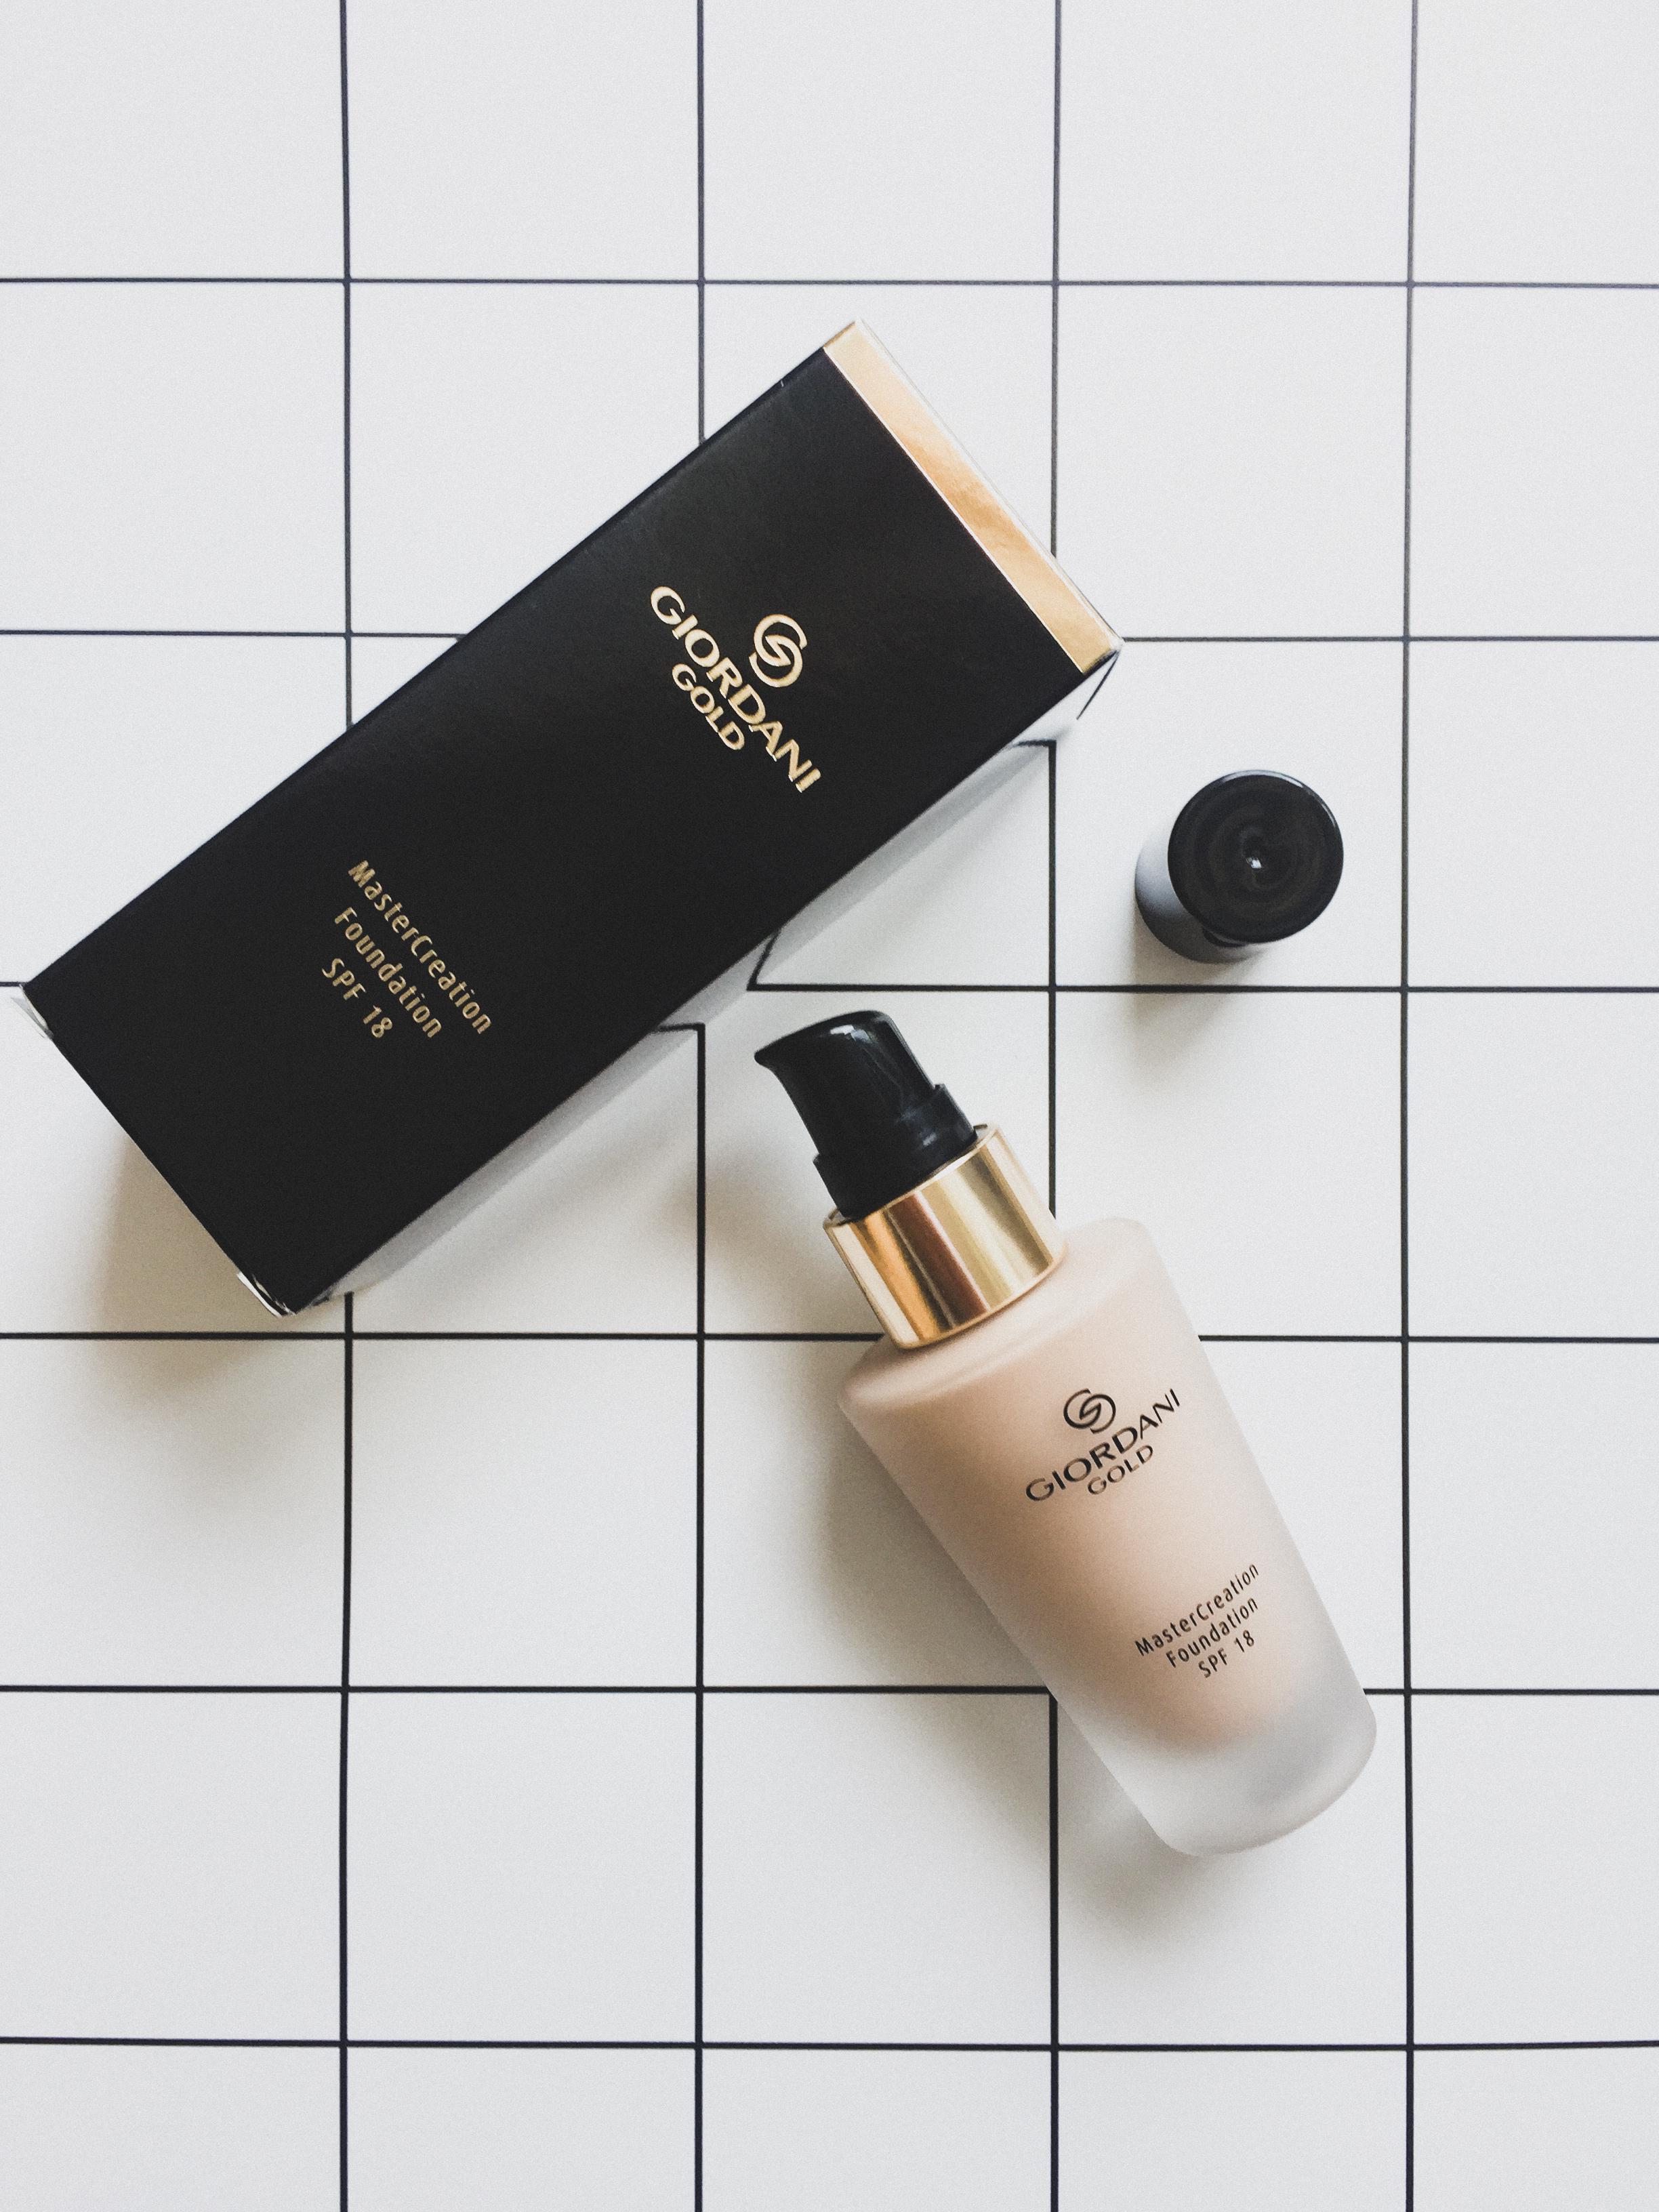 MasterCreation alapozó - A Giordani Gold legújabb alapozója, ami tökéletes fedést ígér. Bőrtápláló összetevői révén hidratál, csökkentheti a finom vonalak megjelenését, és fokozhatja az arcbőr ragyogását. 18-as fényvédő faktort és a szennyeződések hatását csökkentő szűrőt tartalmaz. A márka szakemberei 5 éven át fejlesztették a formulát, hogy az a luxuskozmetikumokkal is felvegye a versenyt.(30 ml)Még több info róla itt.